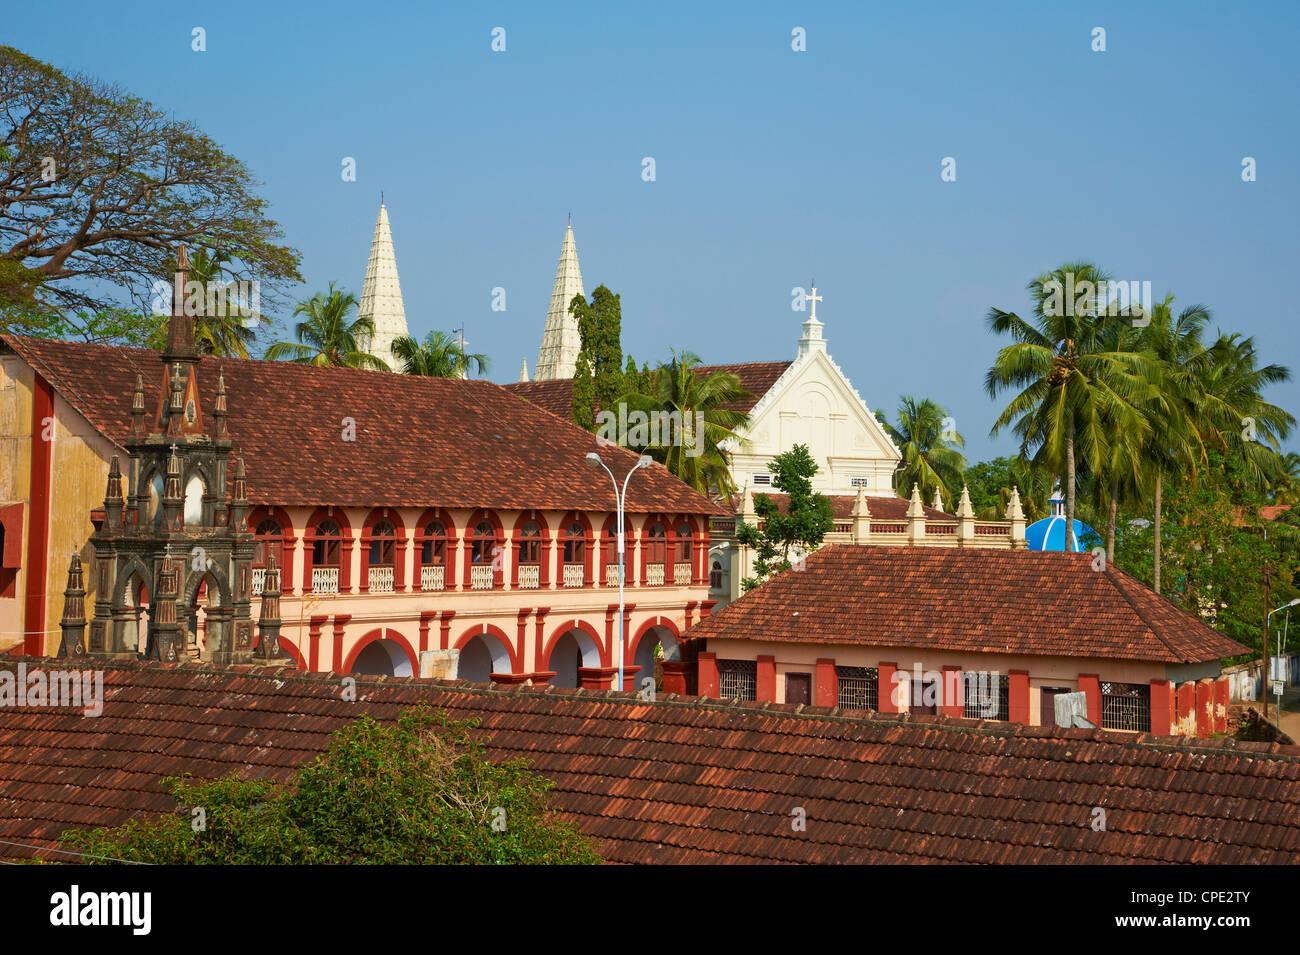 Santa Cruz e la Basilica in stile coloniale college, Fort Cochin, Kerala, India, Asia Immagini Stock